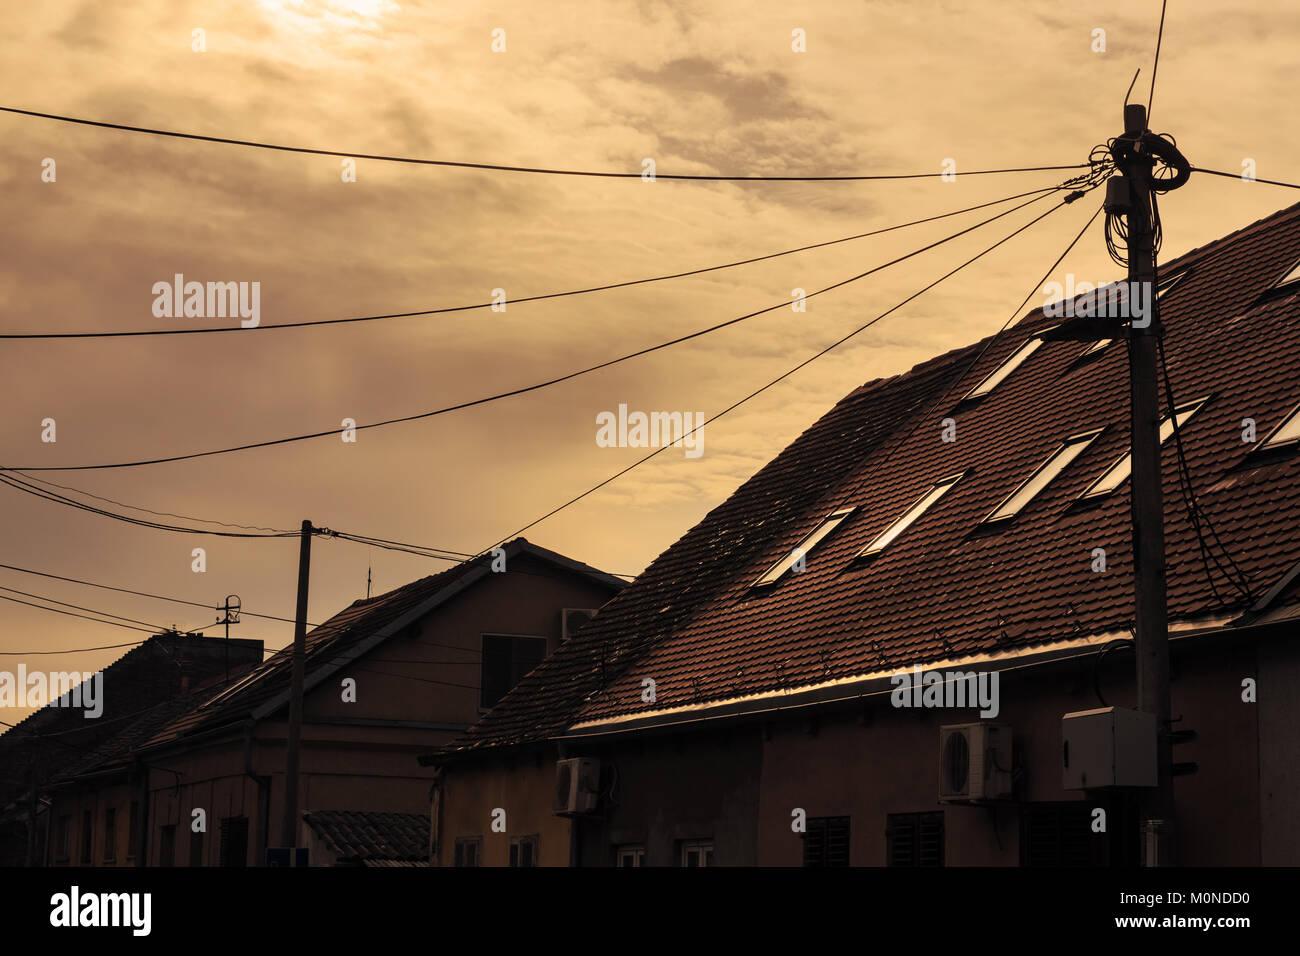 Cables Home Stockfotos & Cables Home Bilder - Alamy